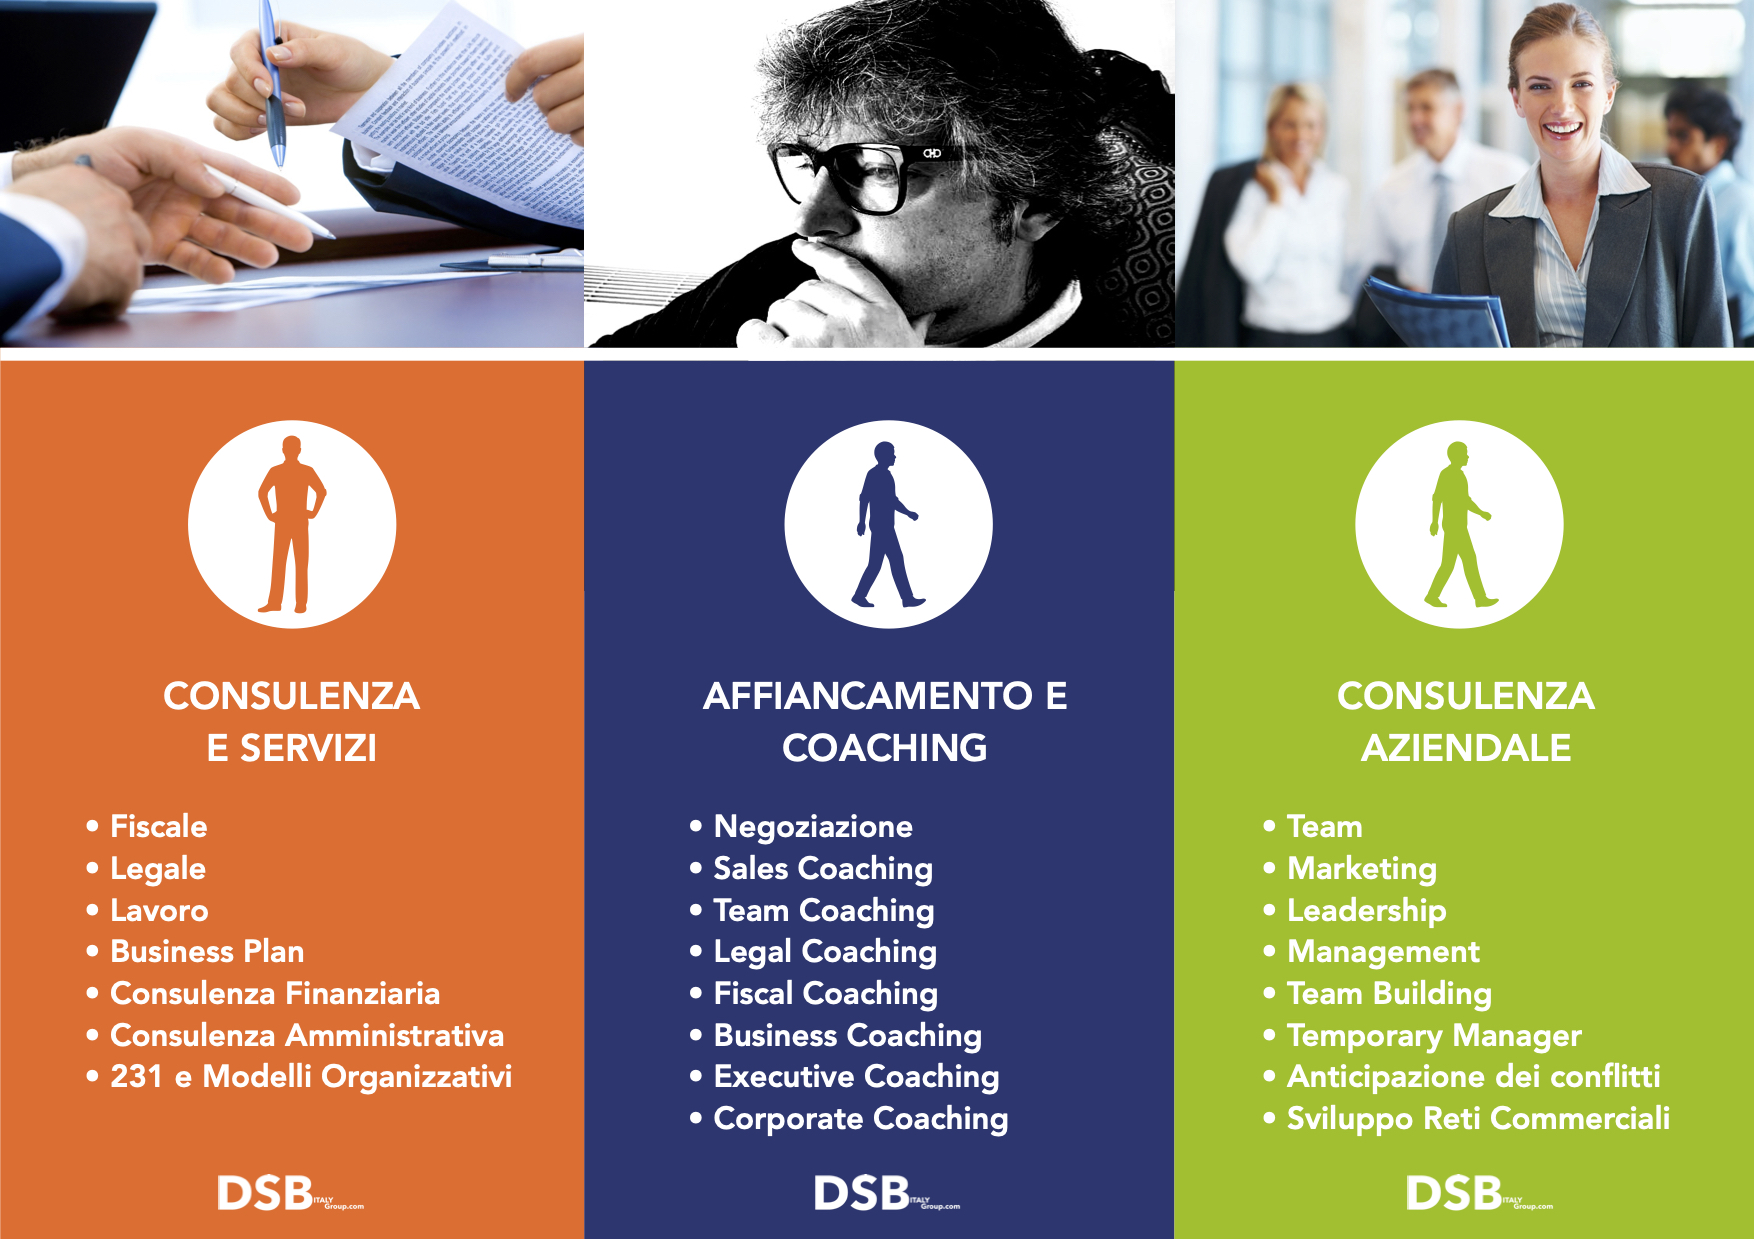 DSB ti affianca con i migliori professionisti per fare evolvere il tuo Business e i tuoi collaboratori.